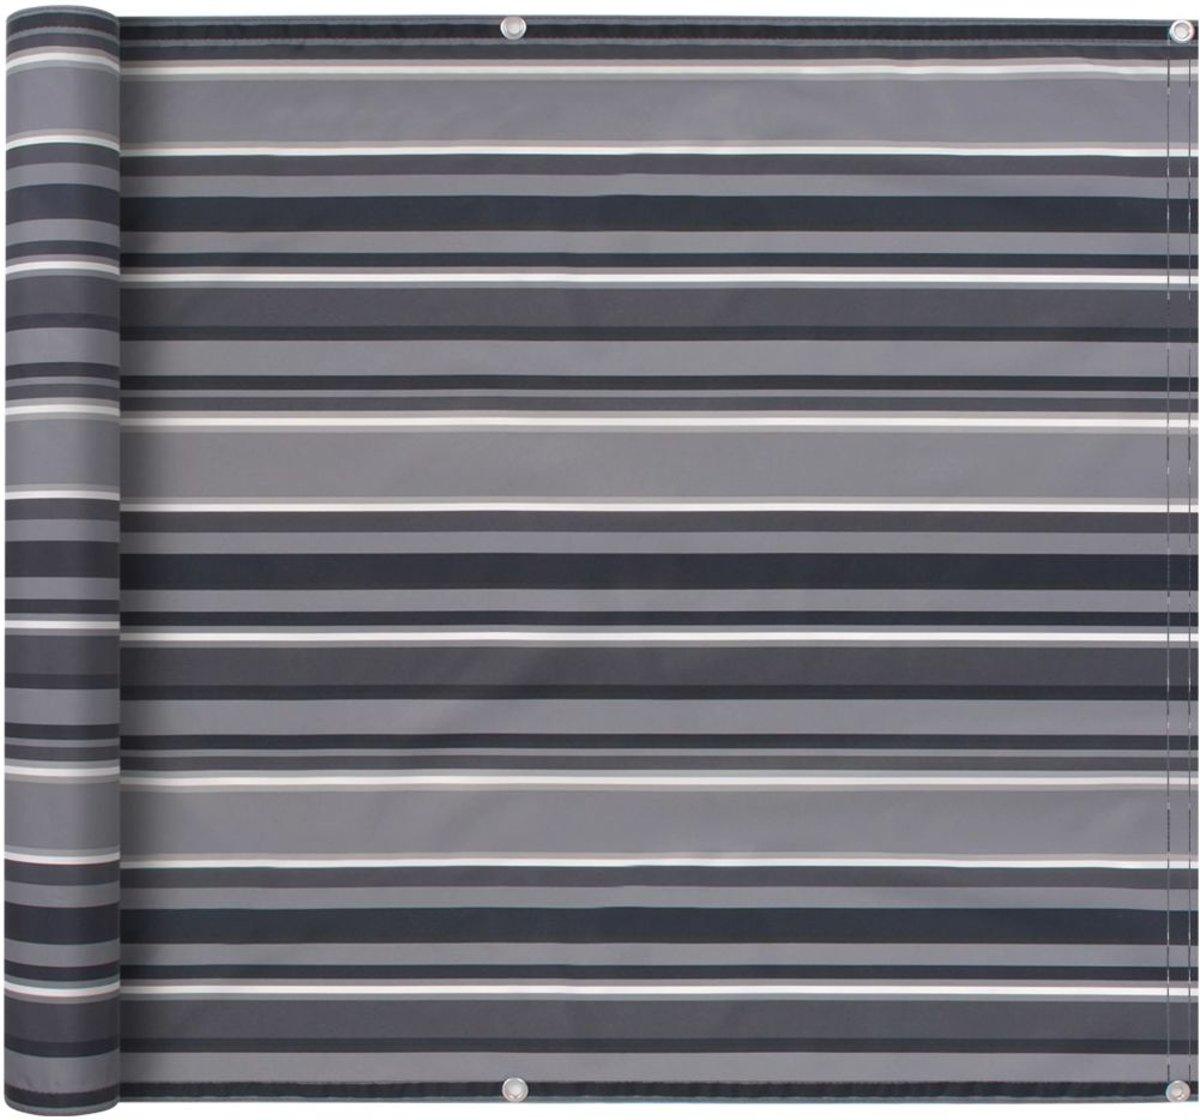 vidaXL Balkonscherm 75x600 cm oxford stof streep grijs kopen